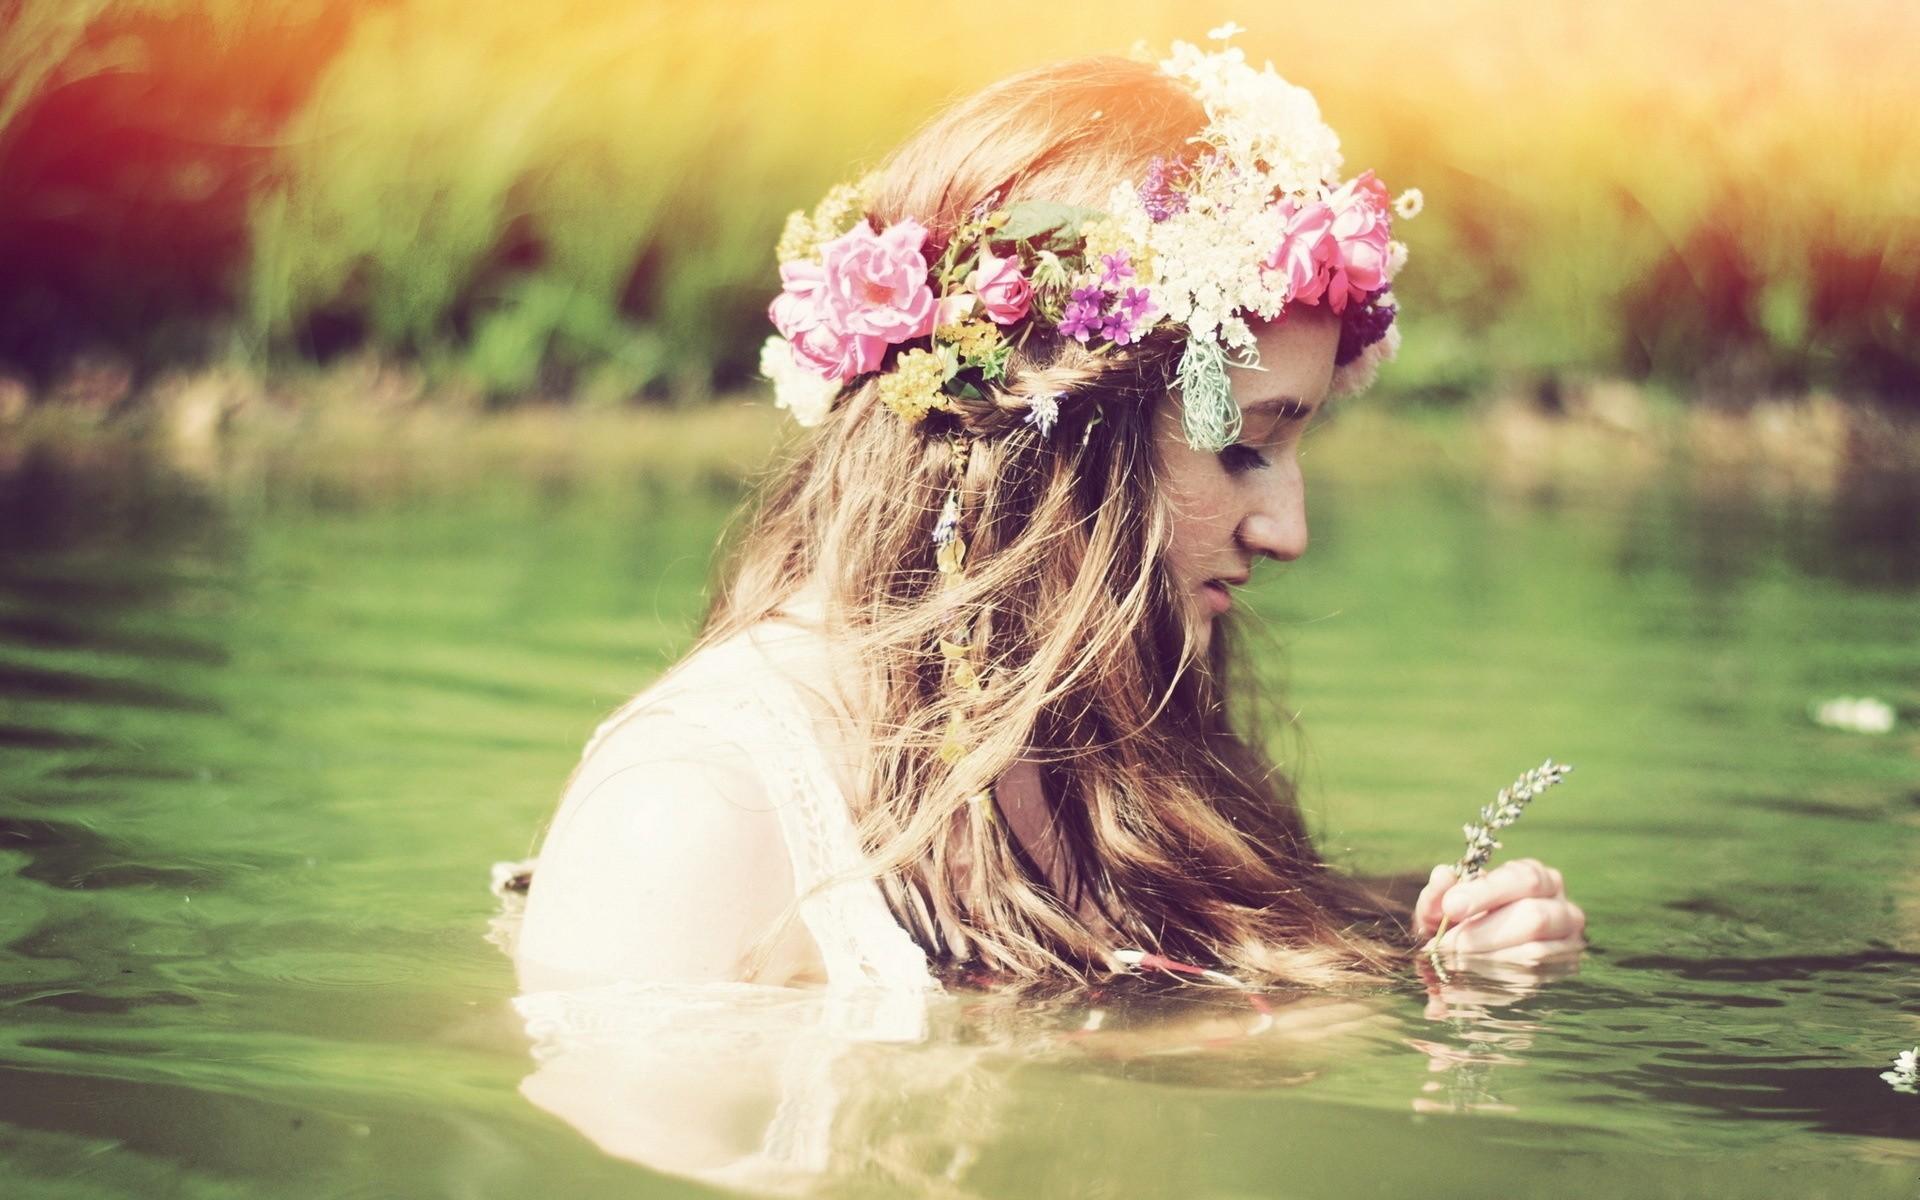 Девушка в венке из цветов спиной фото